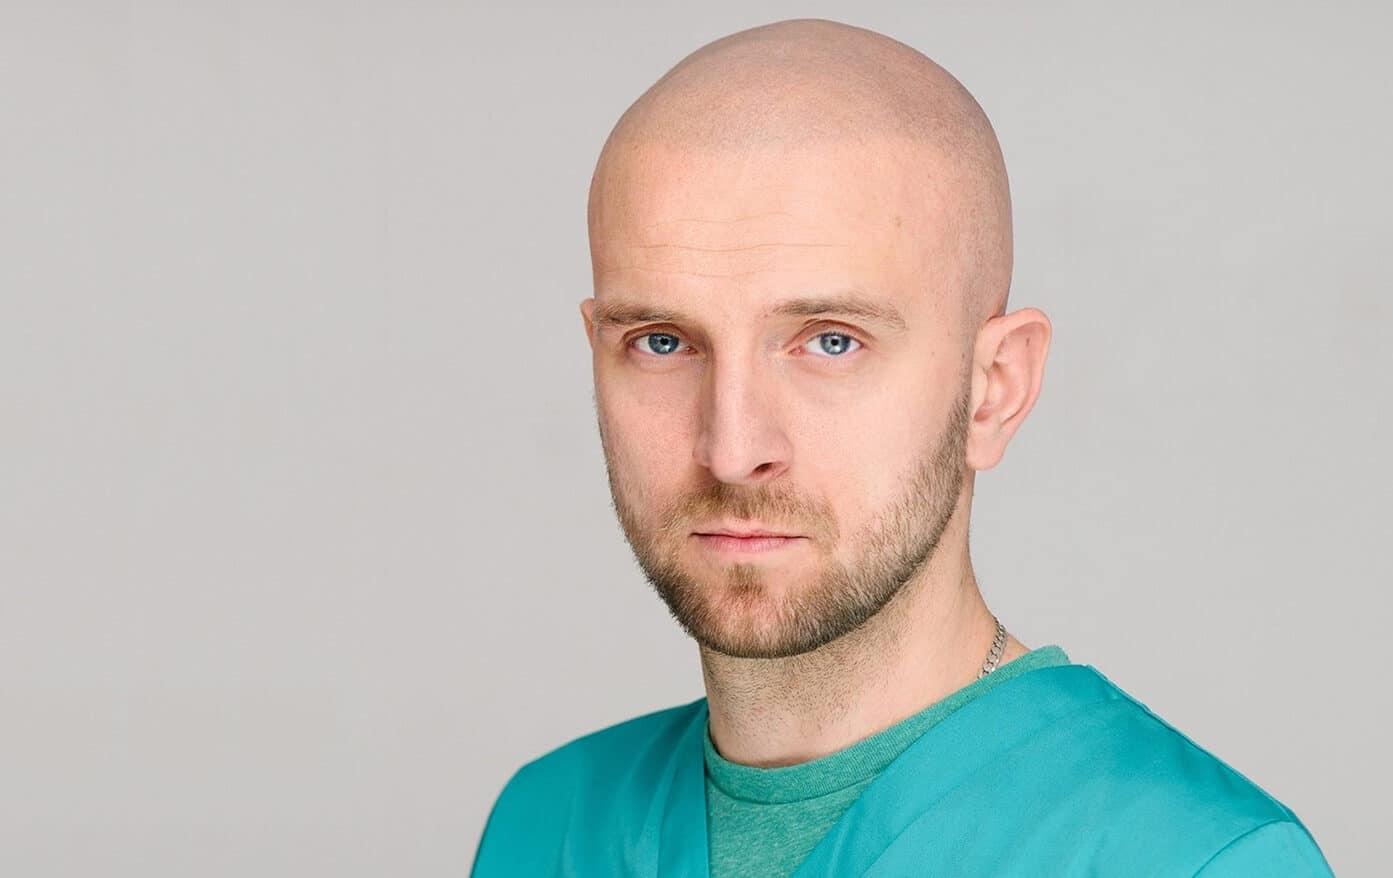 Krzysztof Reczyński doświadczony specjalista mikropigmentacji skóry głowy